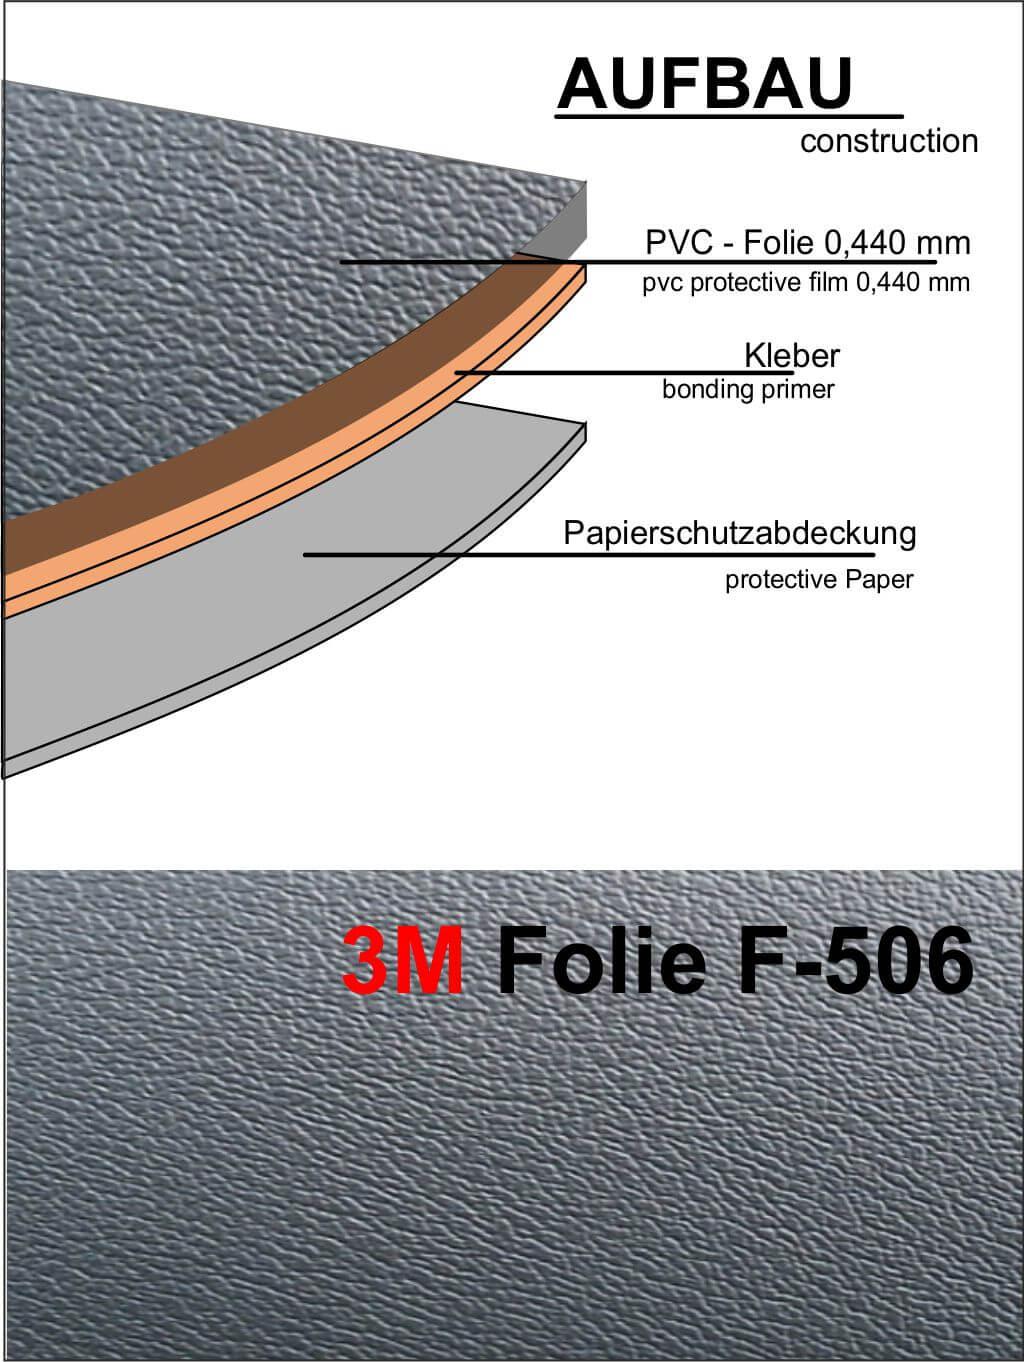 3M Lackschutz Folie F506 Steinschlagschutzfolie schwarz matt versch Größen